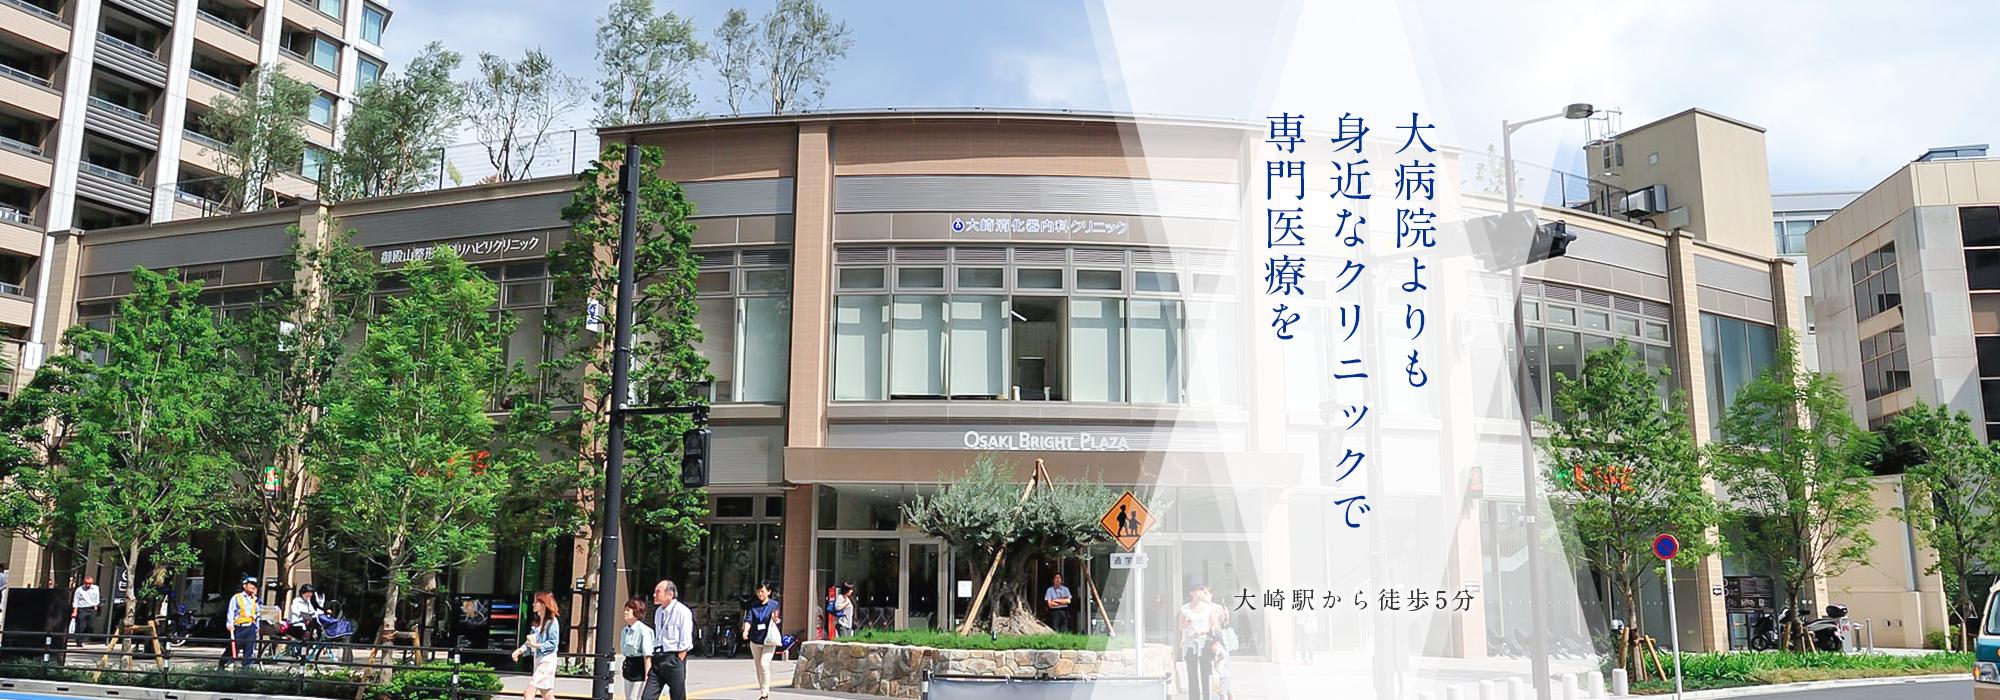 大病院よりも身近なクリニックで専門医療を 大崎駅から徒歩5分